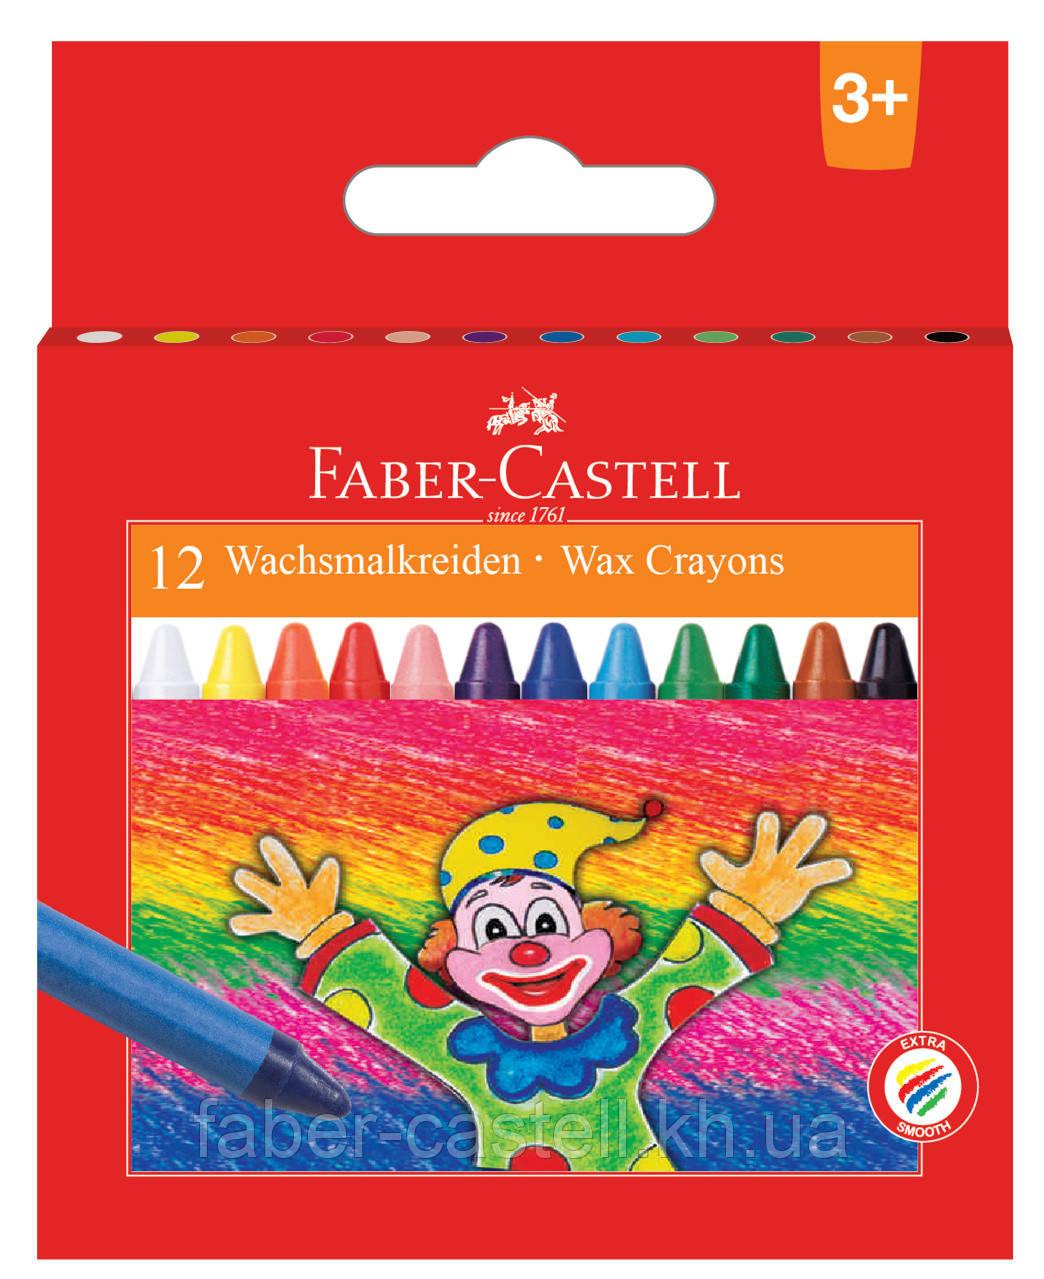 """Мелки восковые Faber-Castell """"Клоун"""" 12 цветов 90 мм в картонной коробке, 120002"""